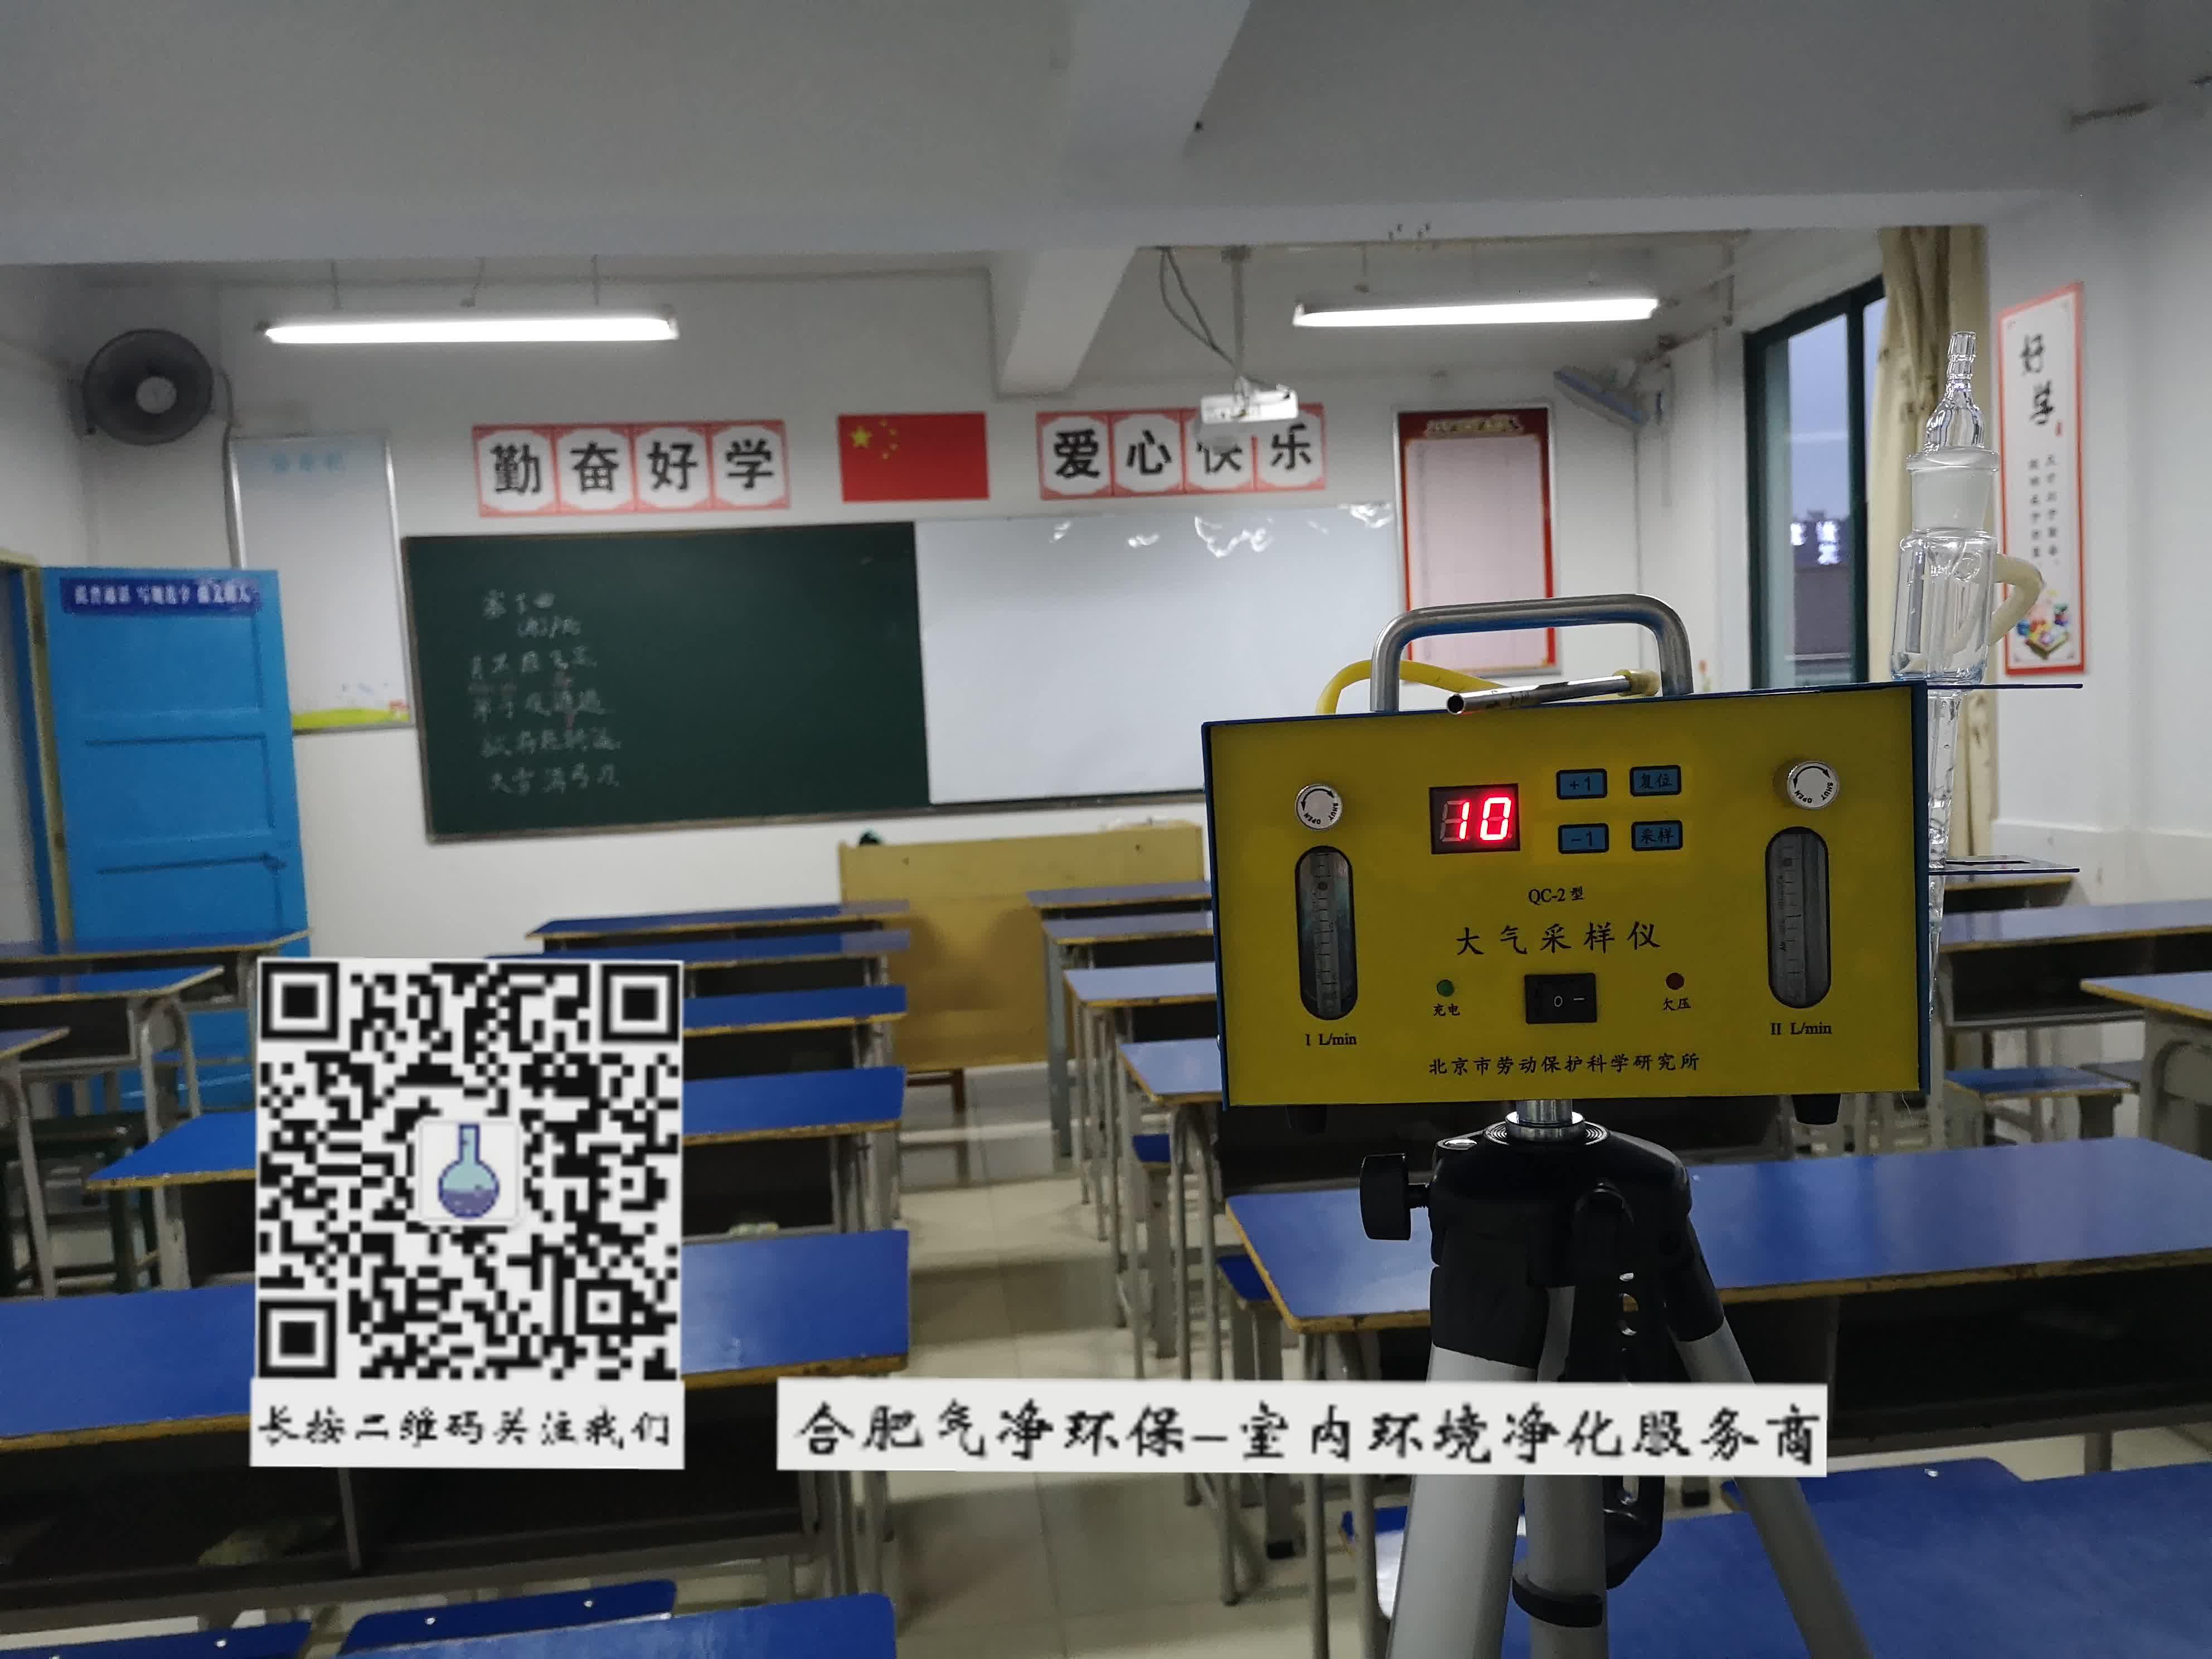 水印图片by水印王_20180920-18126108